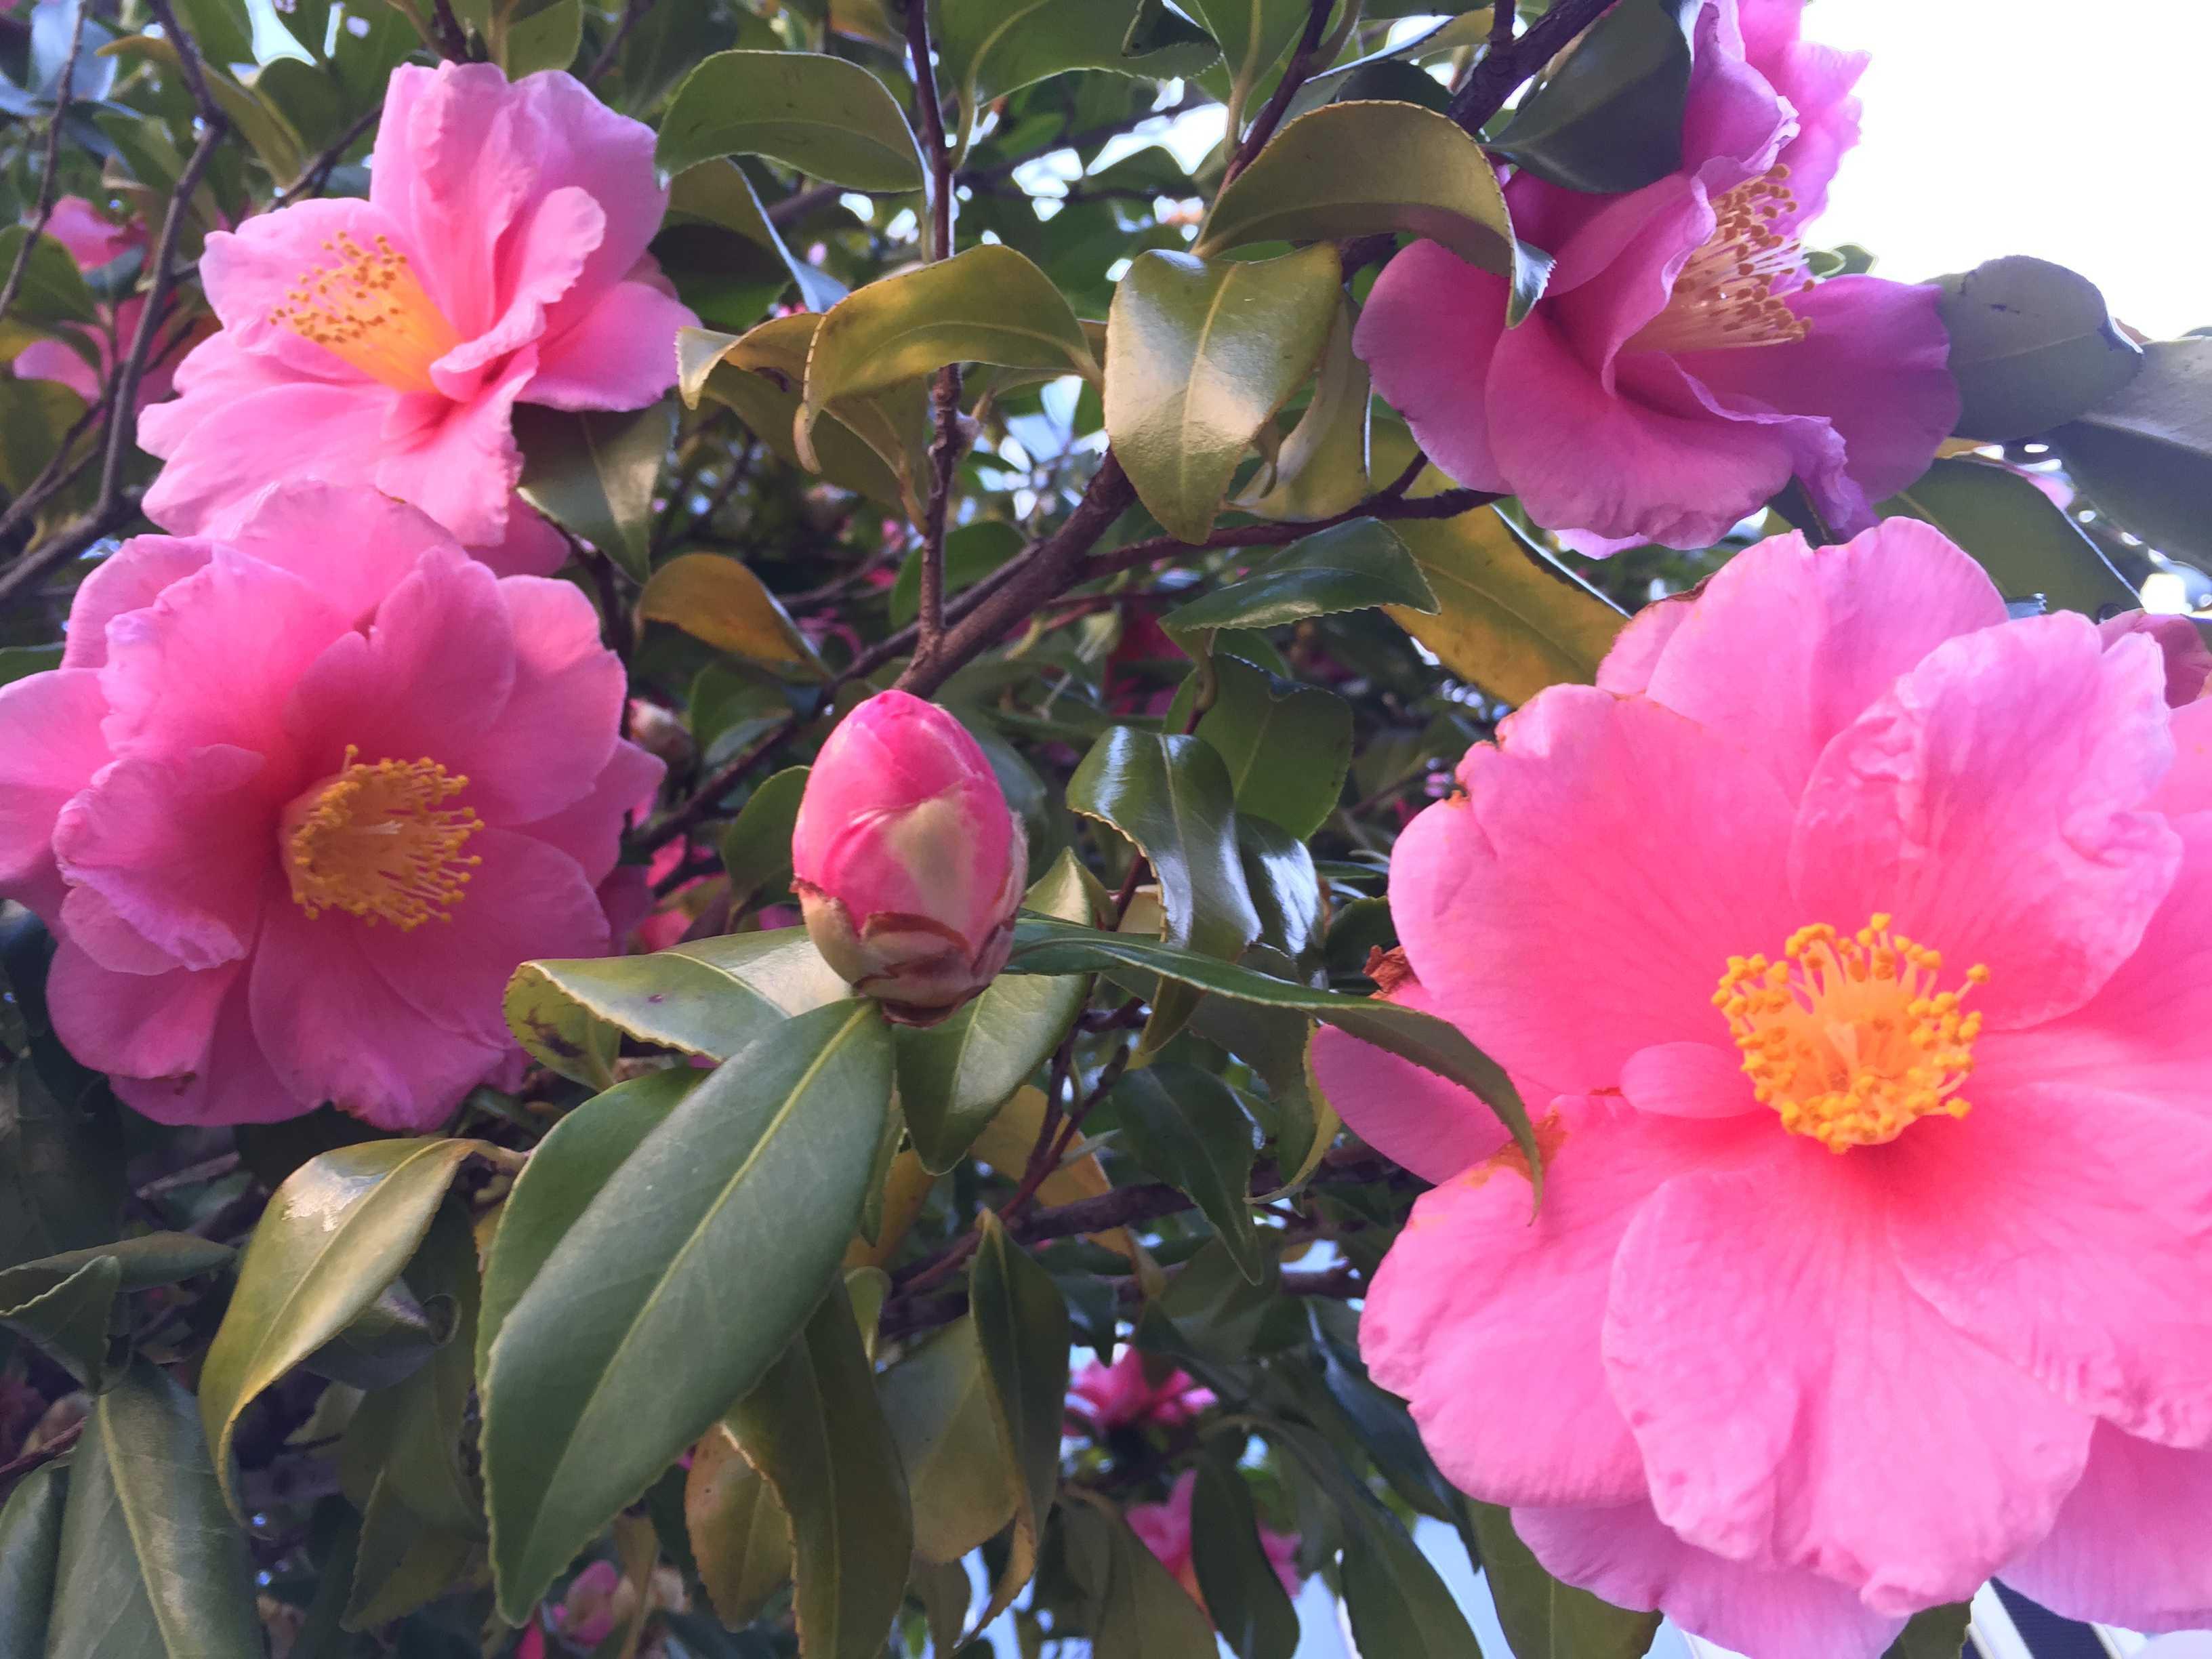 ベルギー大使館前のピンク色の寒椿(ハルサザンカの笑顔?)